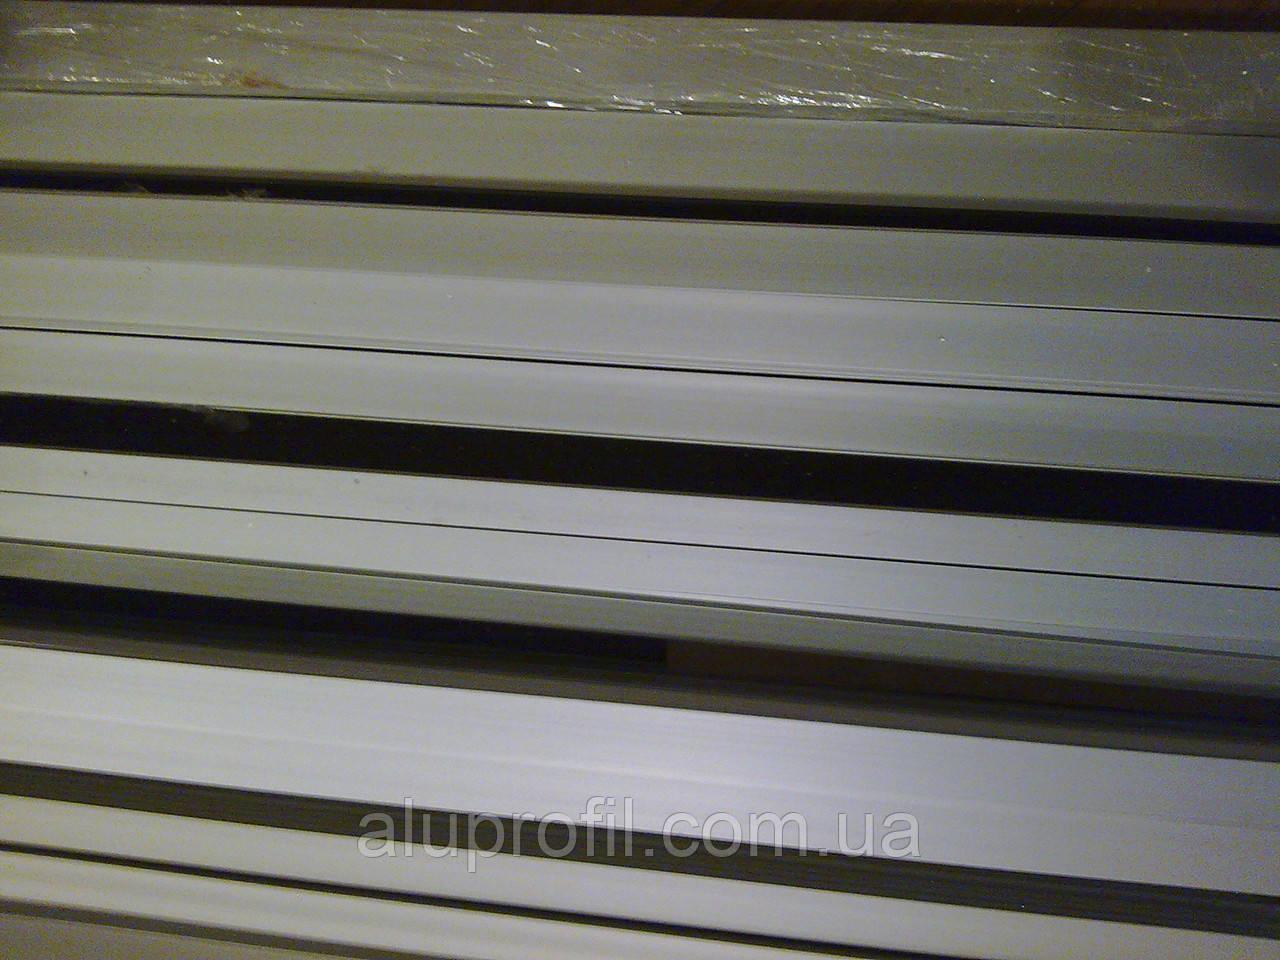 Алюминиевый профиль — полоса алюминиевая 20х3 AS